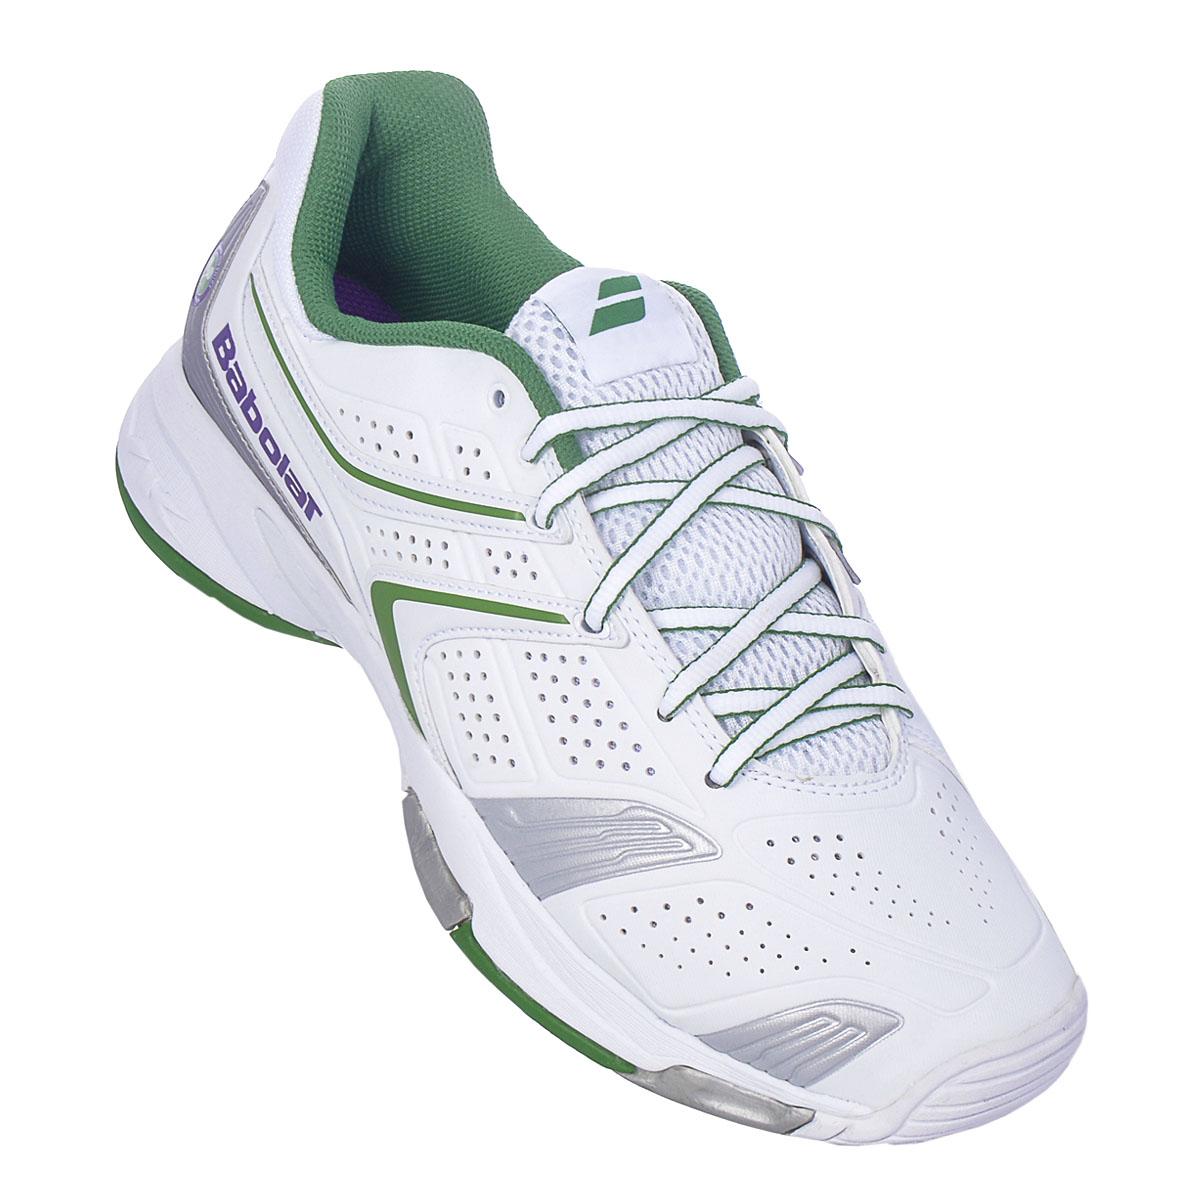 NEU Babolat Drive 3 Herren All Court M Wimbledon Herren 3 Tennisschuhe Weiß 36F1395 SALE 2ad1d5